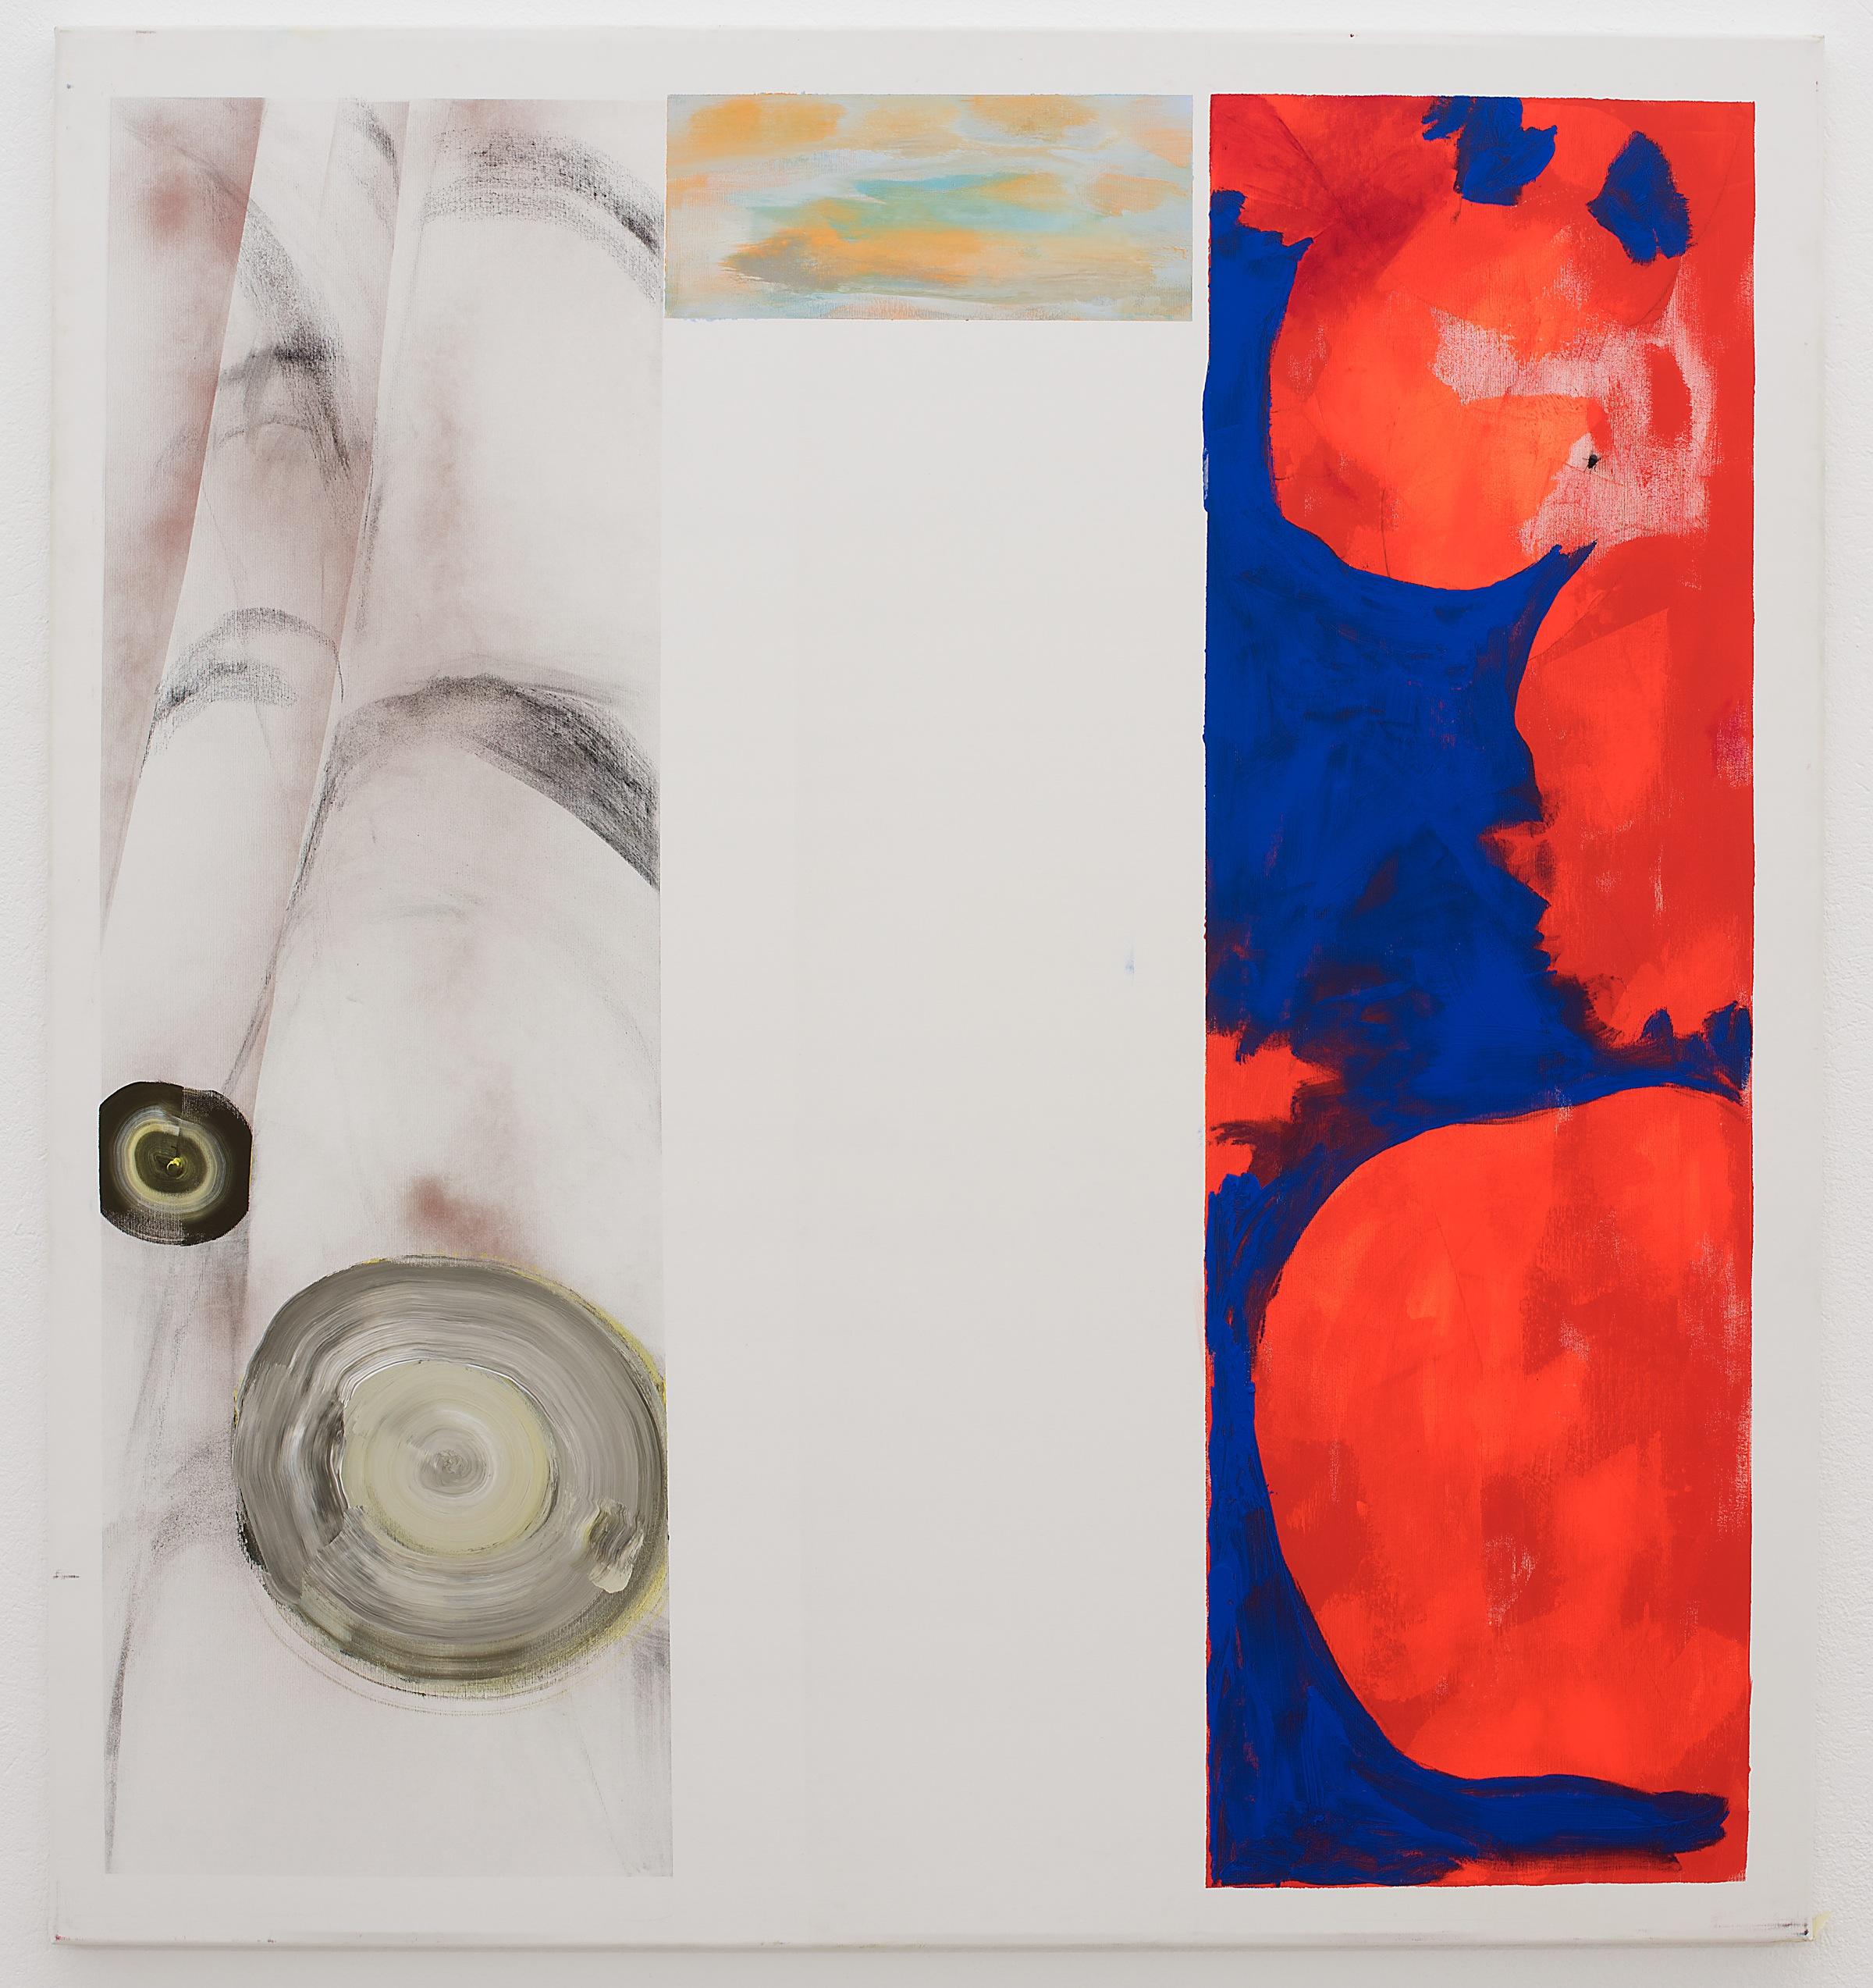 Marcus Eek - Marcus Eeks måleri har visats på Arnstedt flera gånger sedan 2001. Hos Marcus Eeks abstrakta måleri finns ingen uttalad idé eller någon skiss utan målningarna uppstår under vägen. Marcus Eek påbörjar ett antal målningar som sedan befinner sig i ateljén under en lång tid. Så står de där och arbetet fortskrider tills de tillsammans bildar en egen värld. En färg, ett mönster, en tanke kan sätta igång en serie explosioner som detonerar på dukarna. Han låter det abstrakta övergå till det föreställande och sedan tillbaka igen. I ett spel mellan ljus och mörker kan berättelser formas, målas över och lösas upp.Marcus Eek är född 1968 i Stockholm, bor och arbetar i Berlin. Tog examen från Kungliga Konsthögskolan i Stockholm 1997. Senaste utställningar: Kuntskraftwerk i Leipzig, Helsinki Contemporary, Codex i Berlin, Artipelag Stockholm, Mikael Andersen Köpenhamn. Eek har även blivit tilldelad Konstnärsnämndens Arbetsstipendium.